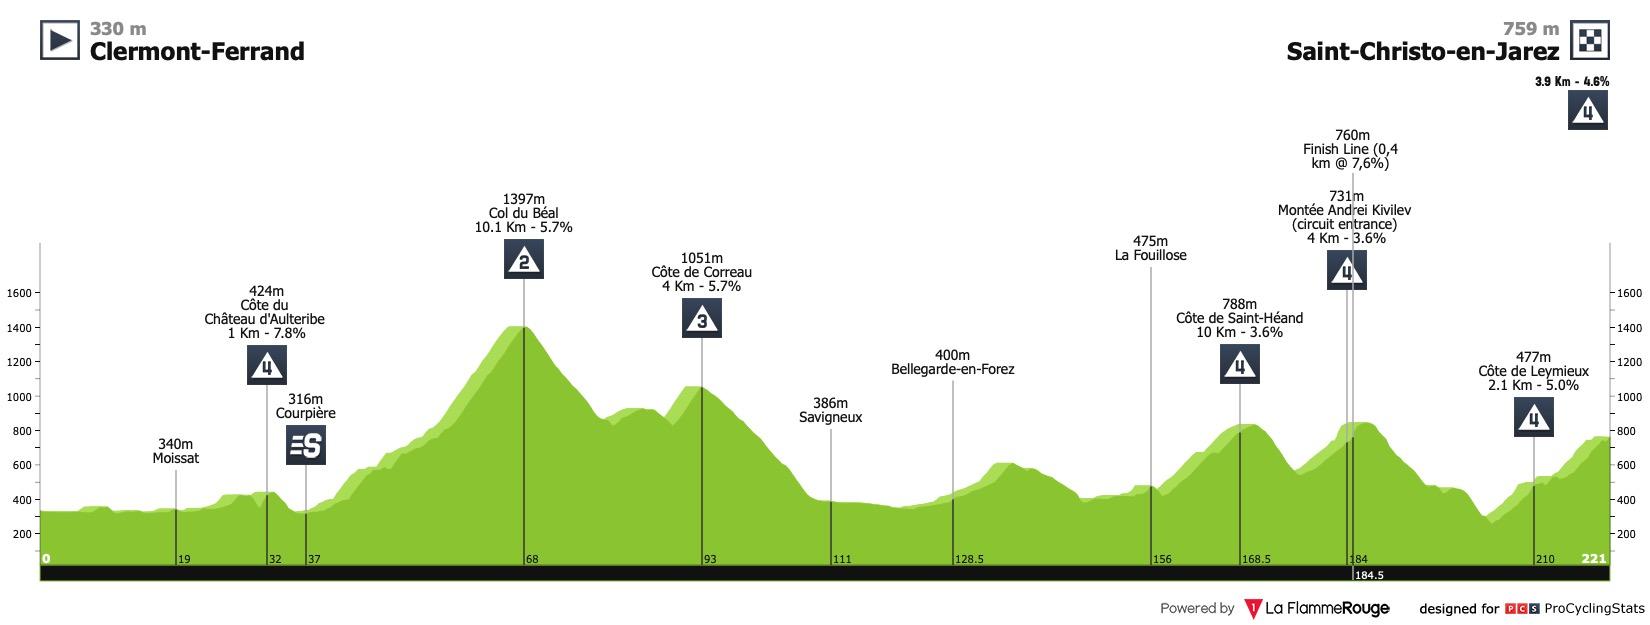 Profil de la 1ère étape du Critérium du Dauphiné 2020